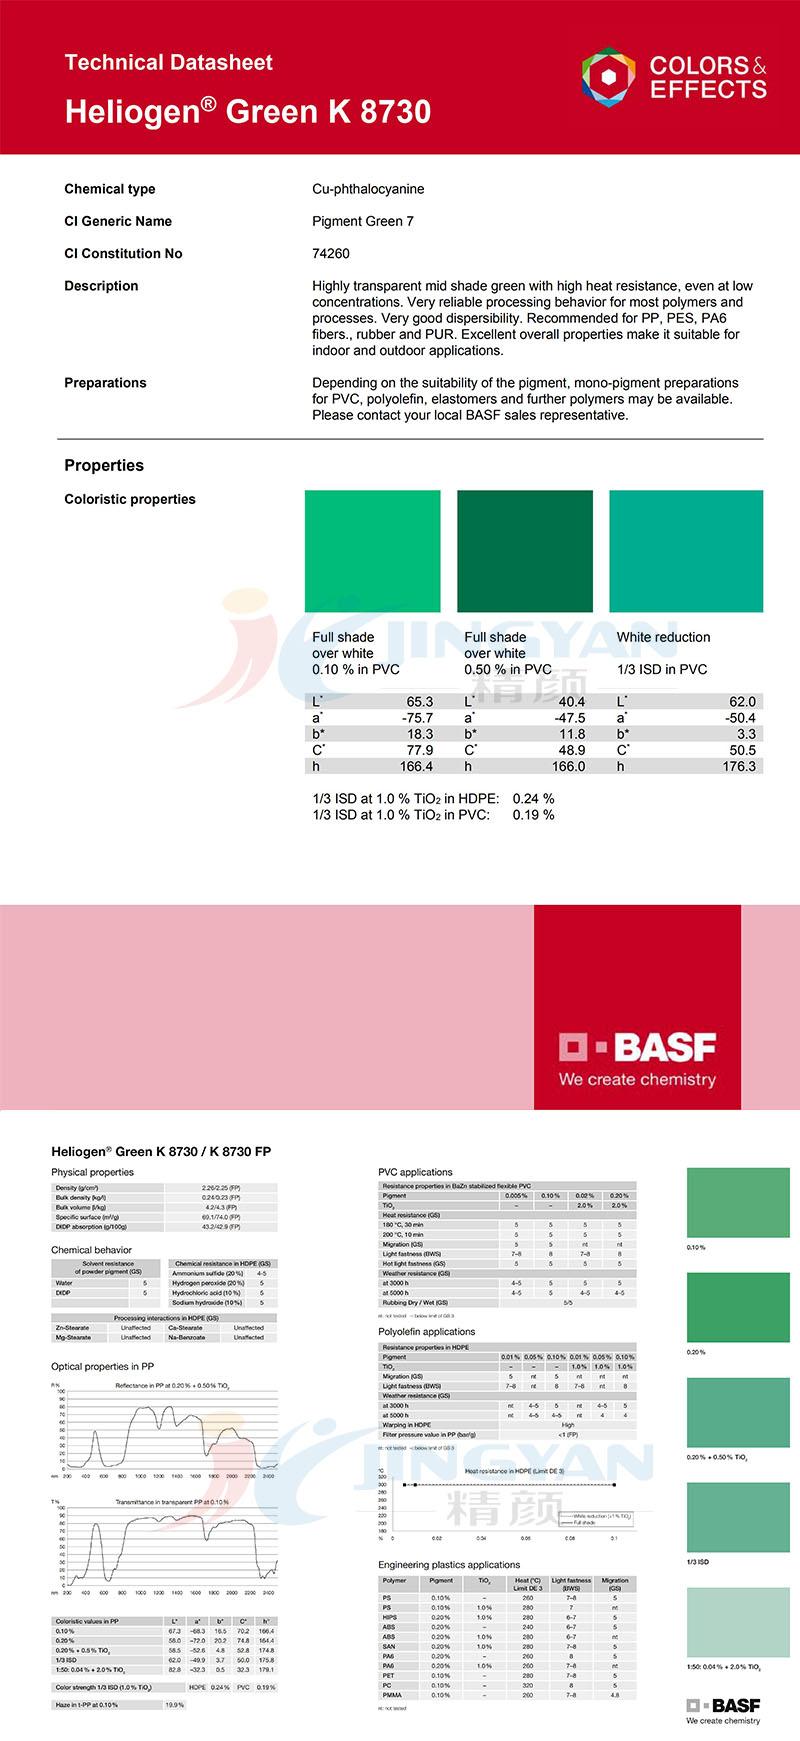 永利棋牌最新版下载K8730酞菁绿有机颜料 (P.G7)氯代酮酞菁绿 BASF Heliogen Green K8730